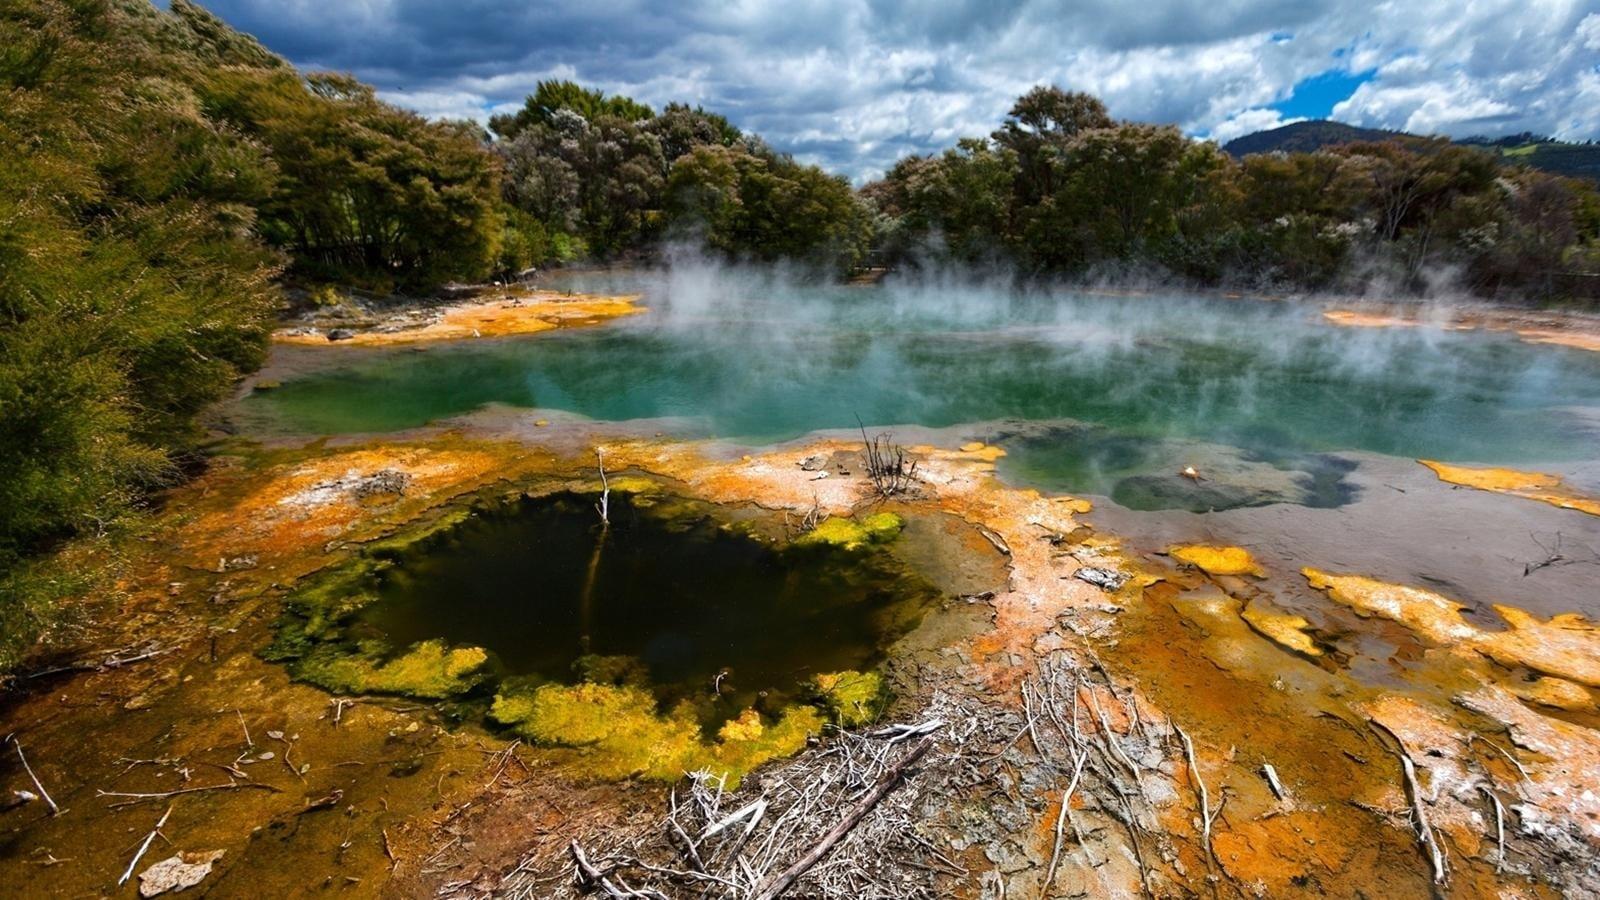 O parte dintre izvoarele din Rotorua nu sunt accesibile